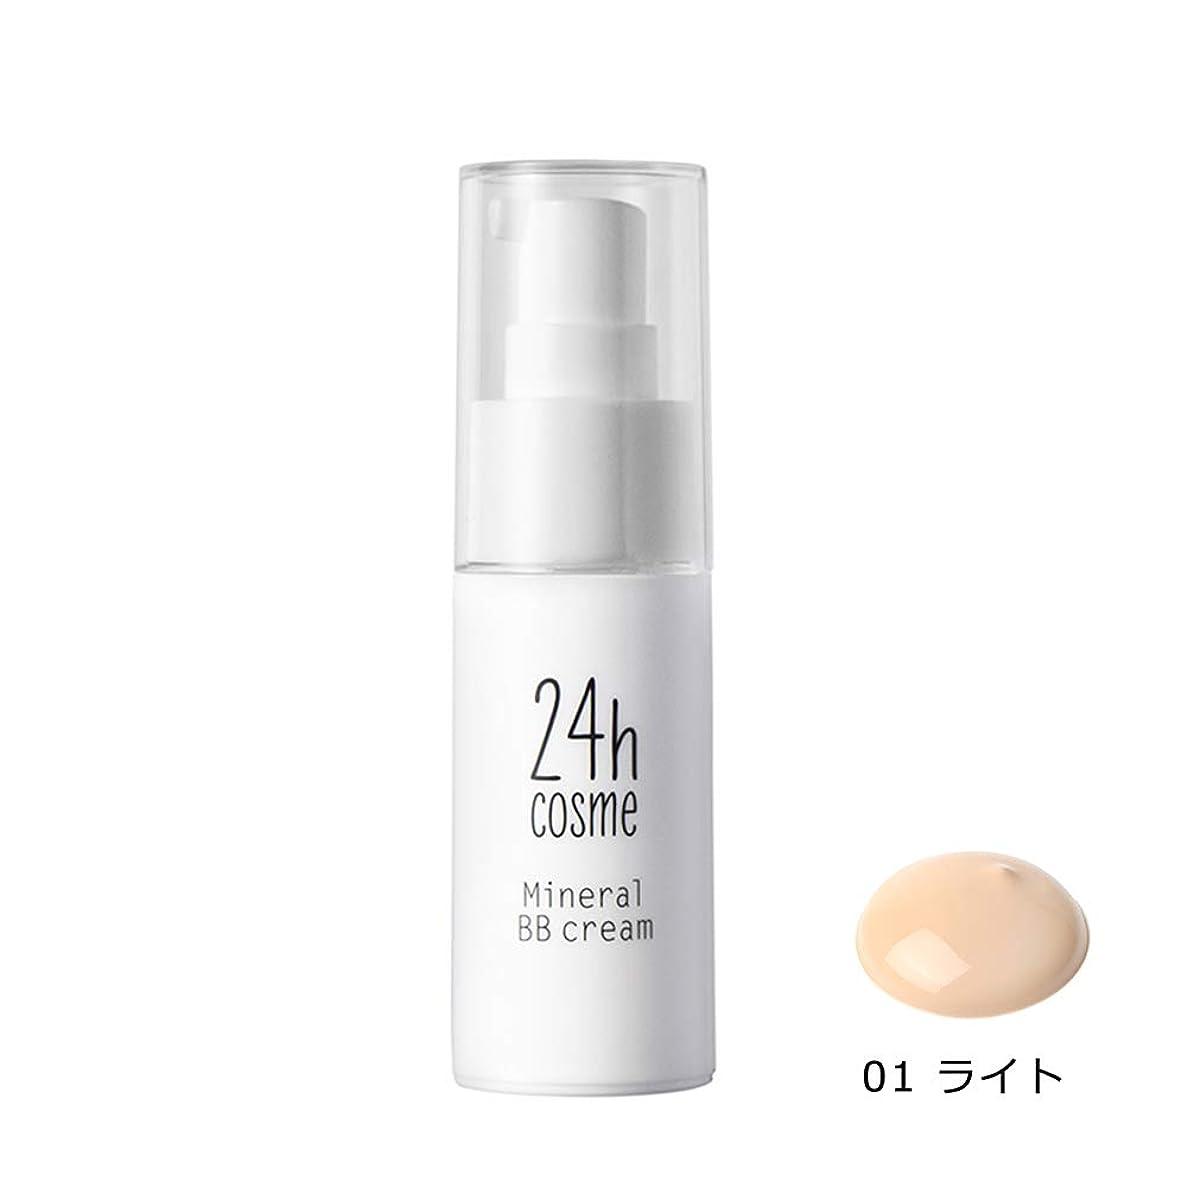 メタルラインポンペイサイト24h cosme 24 ミネラルBBクリーム 01 ライト SPF30PA+++